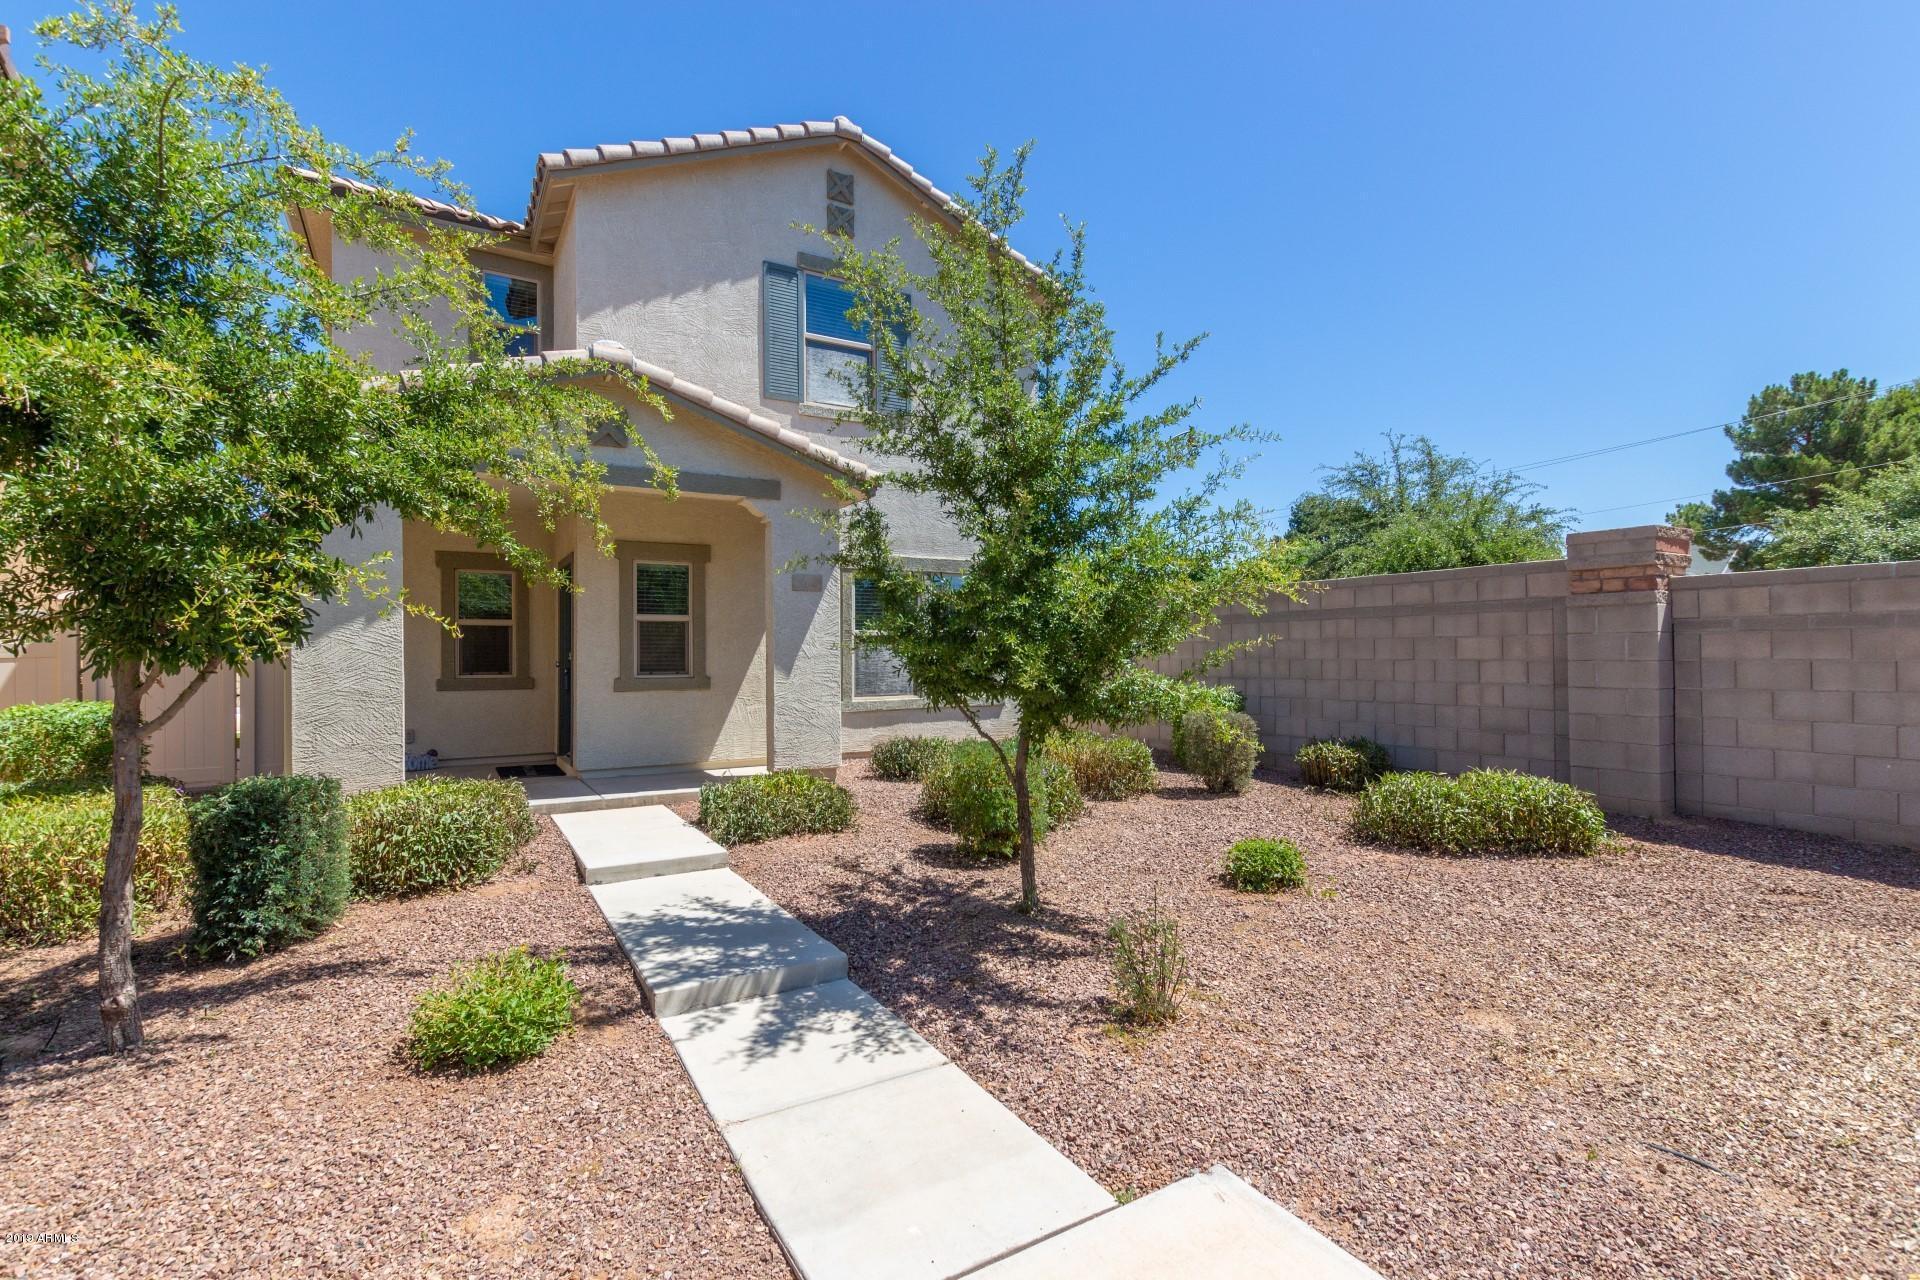 Photo of 863 S PHEASANT Drive, Gilbert, AZ 85296